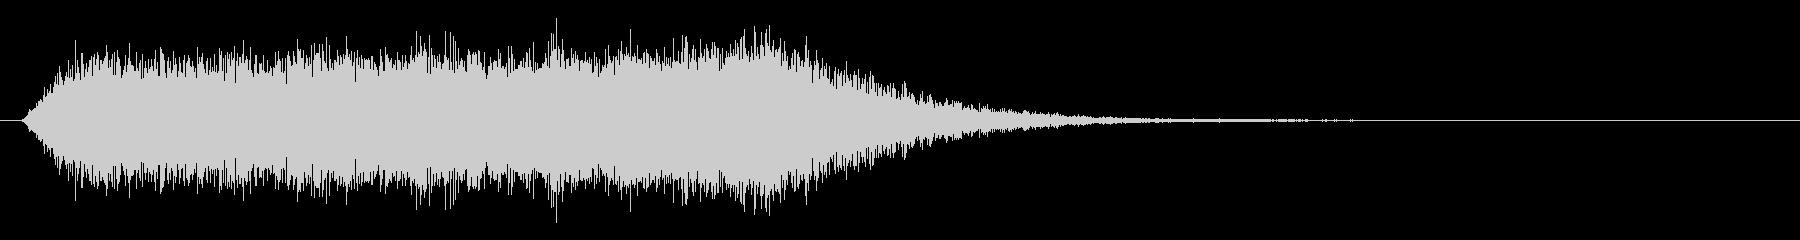 ブルガリアンボイスのジングルの未再生の波形